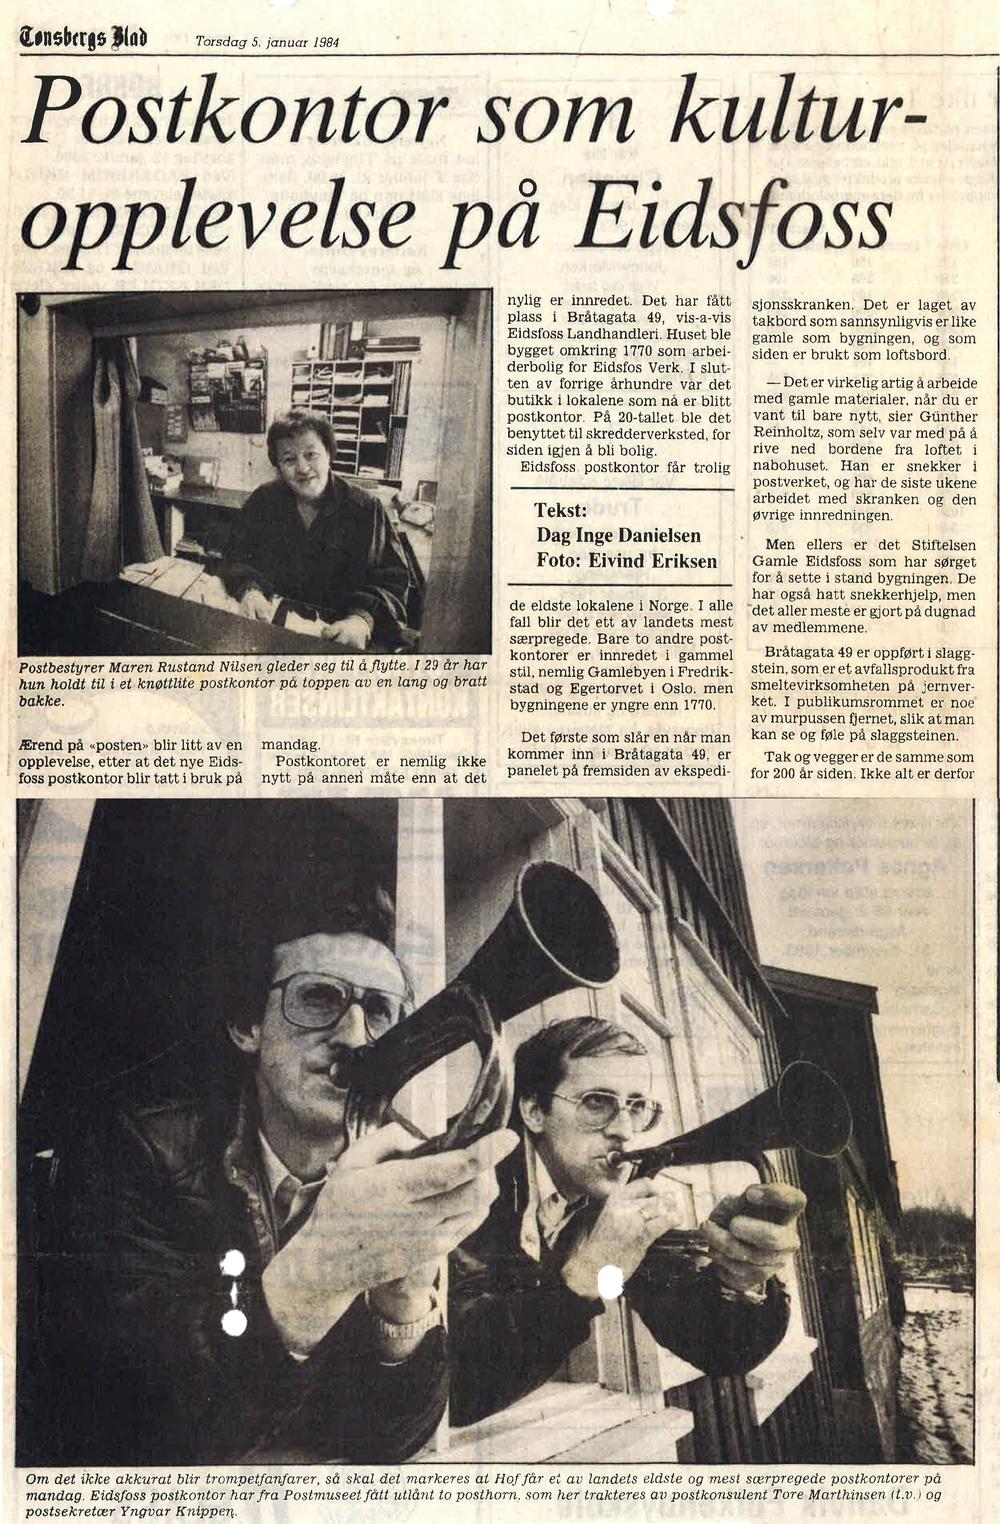 Tønsbergs Blad 5. januar 1984